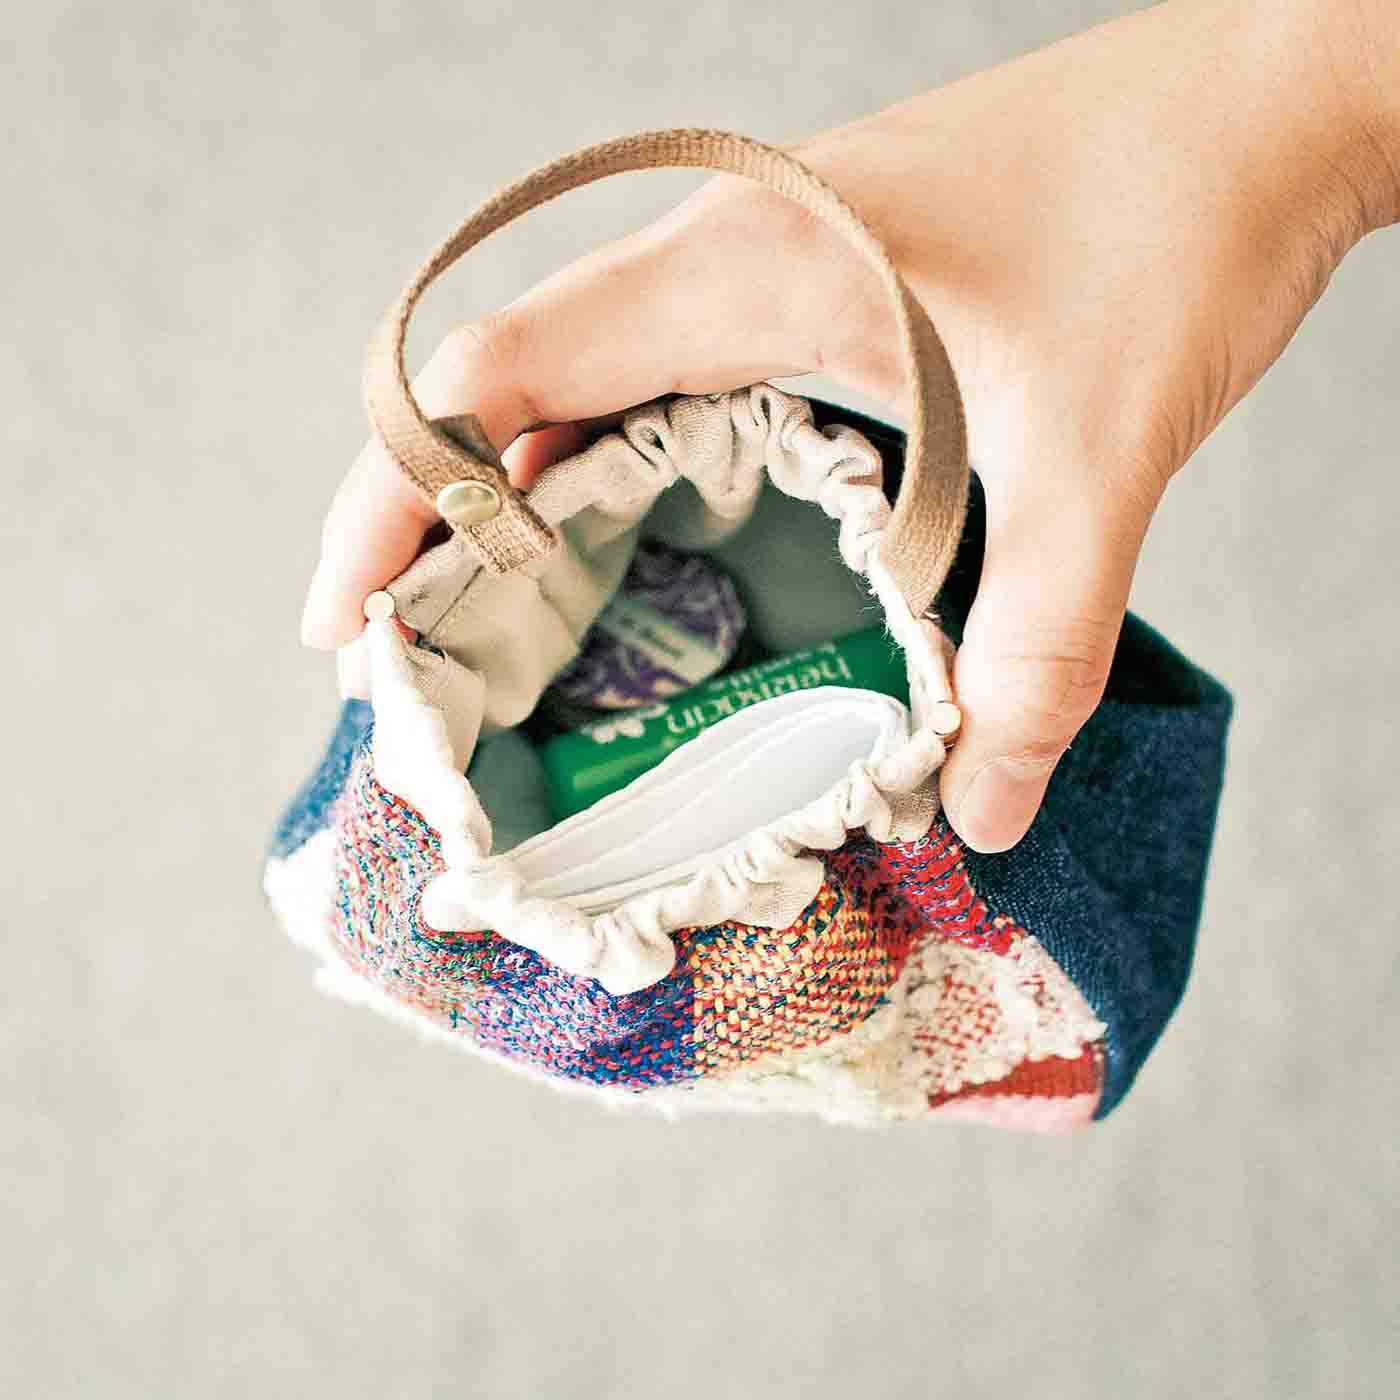 片手でパカッと開くばね口。内側は汚れをふき取りやすいナイロン生地。